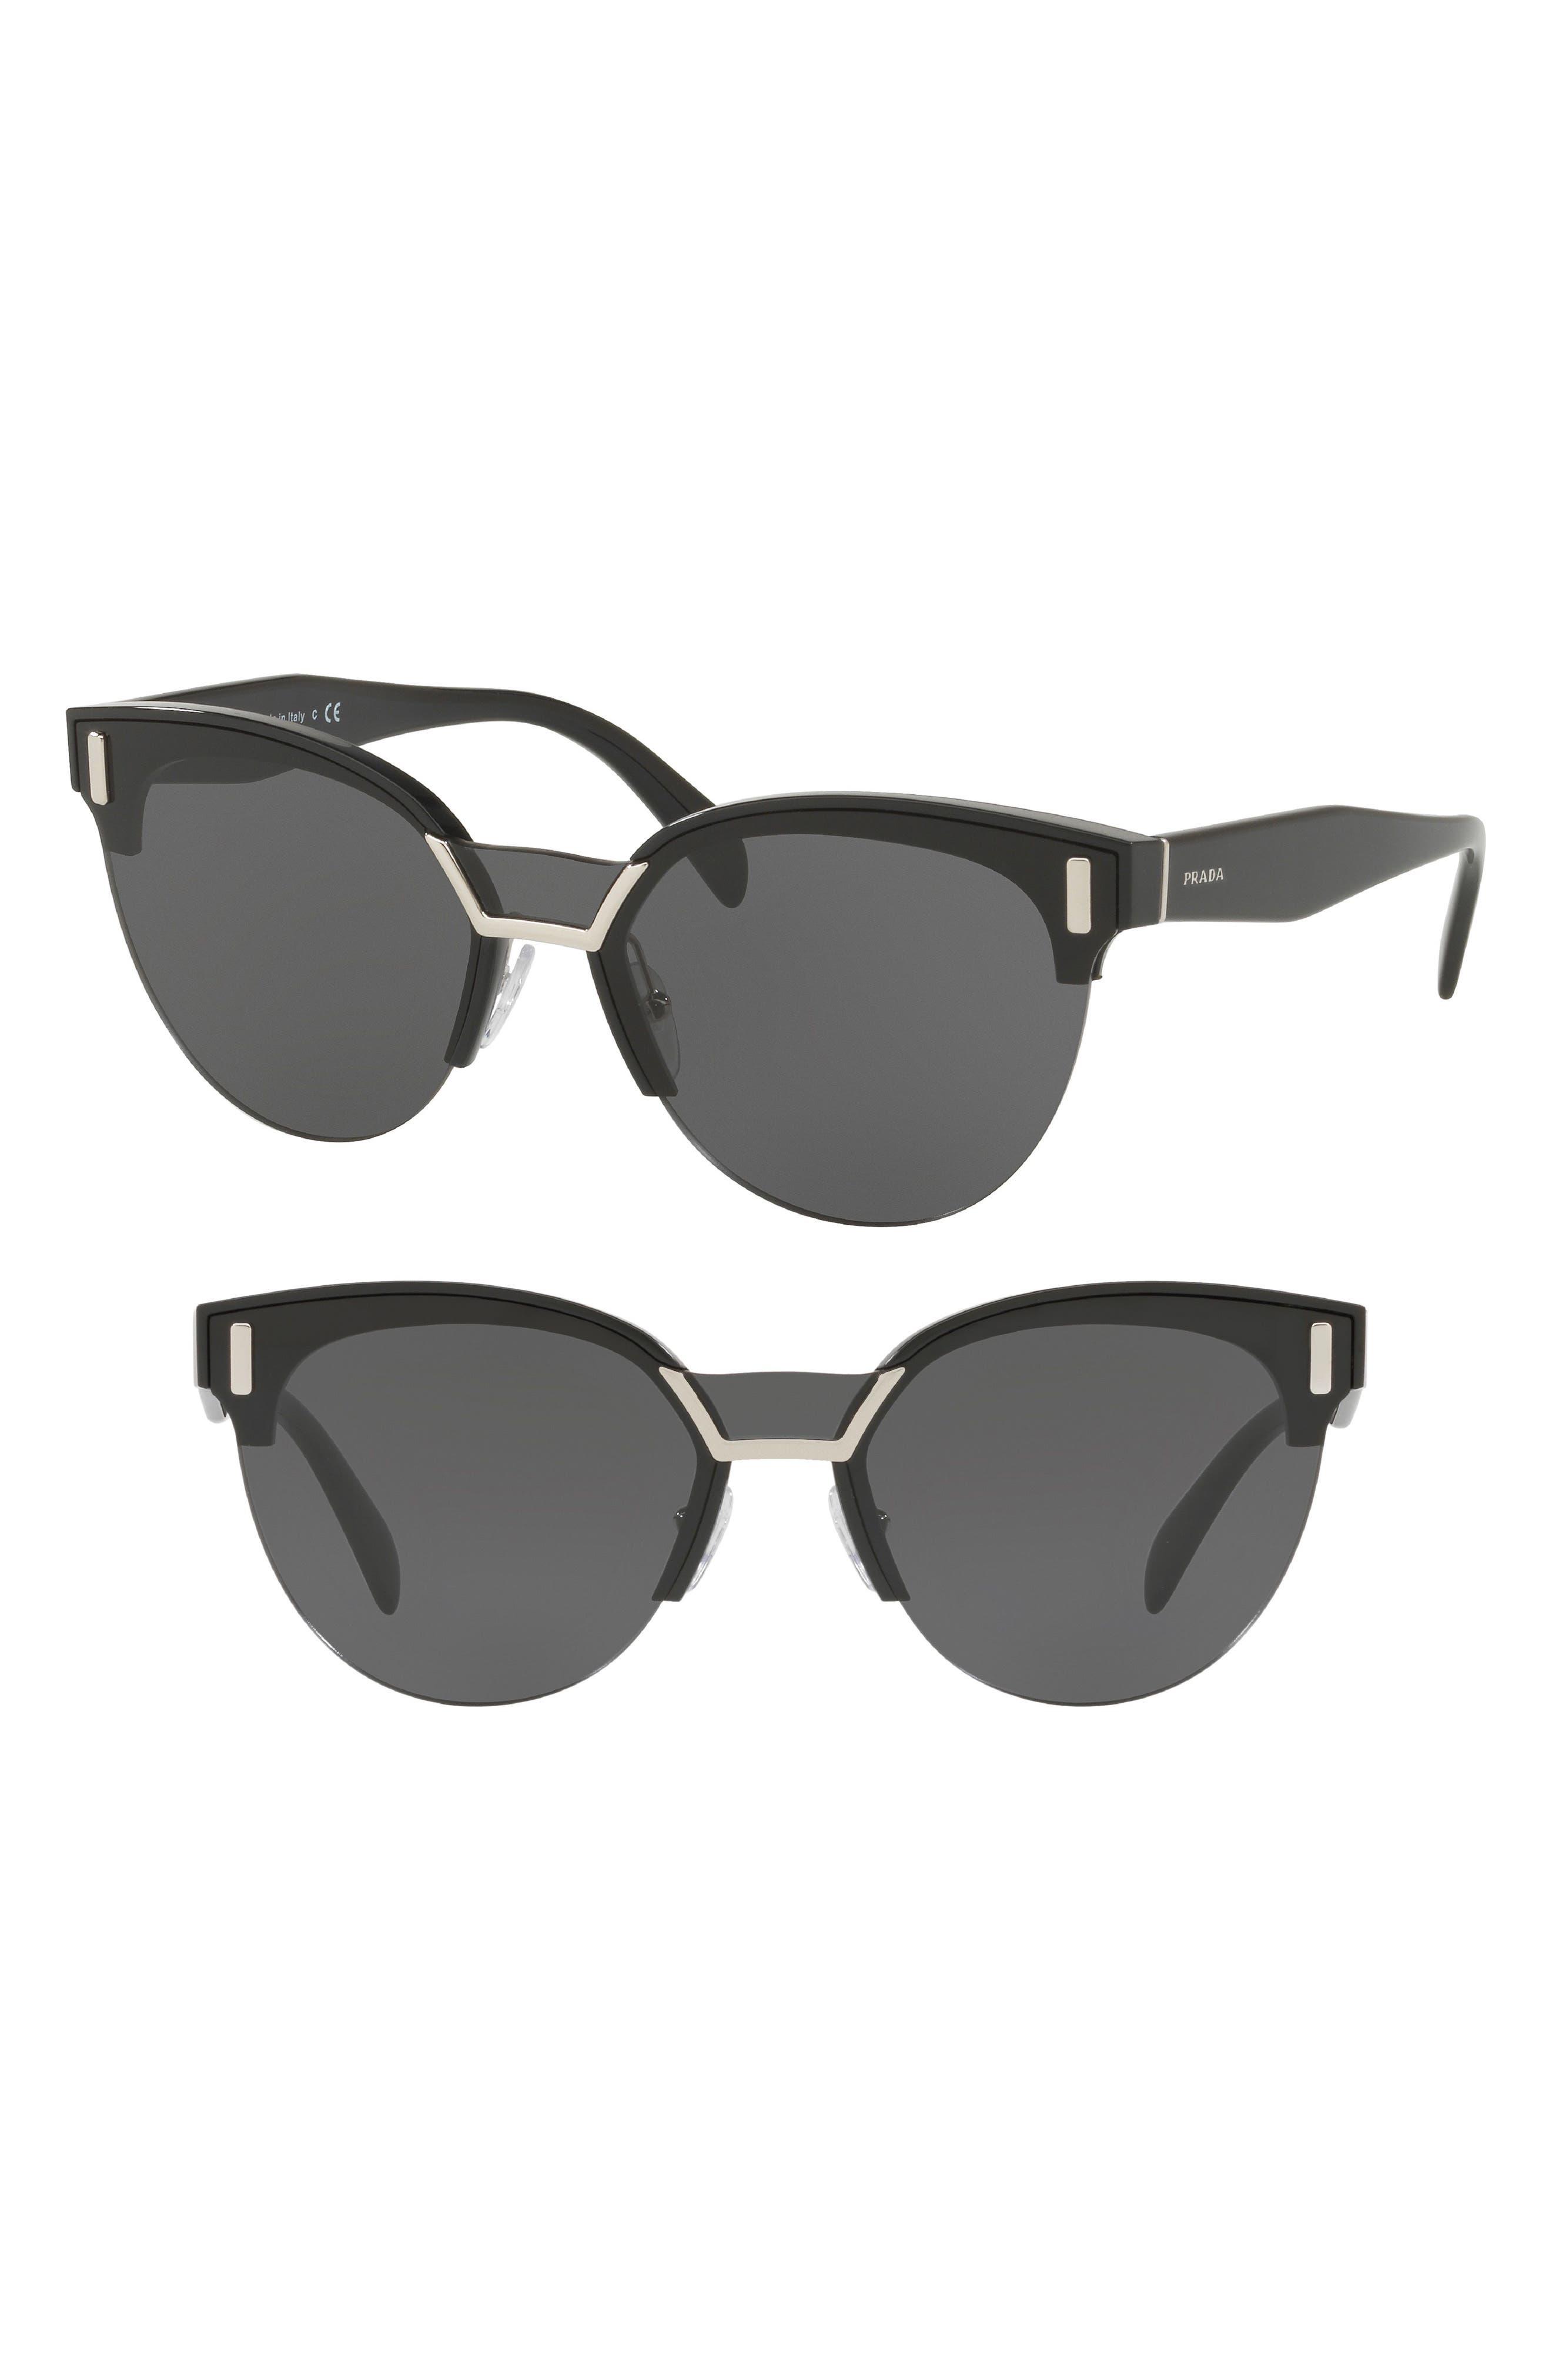 50mm Angular Sunglasses,                             Main thumbnail 1, color,                             001